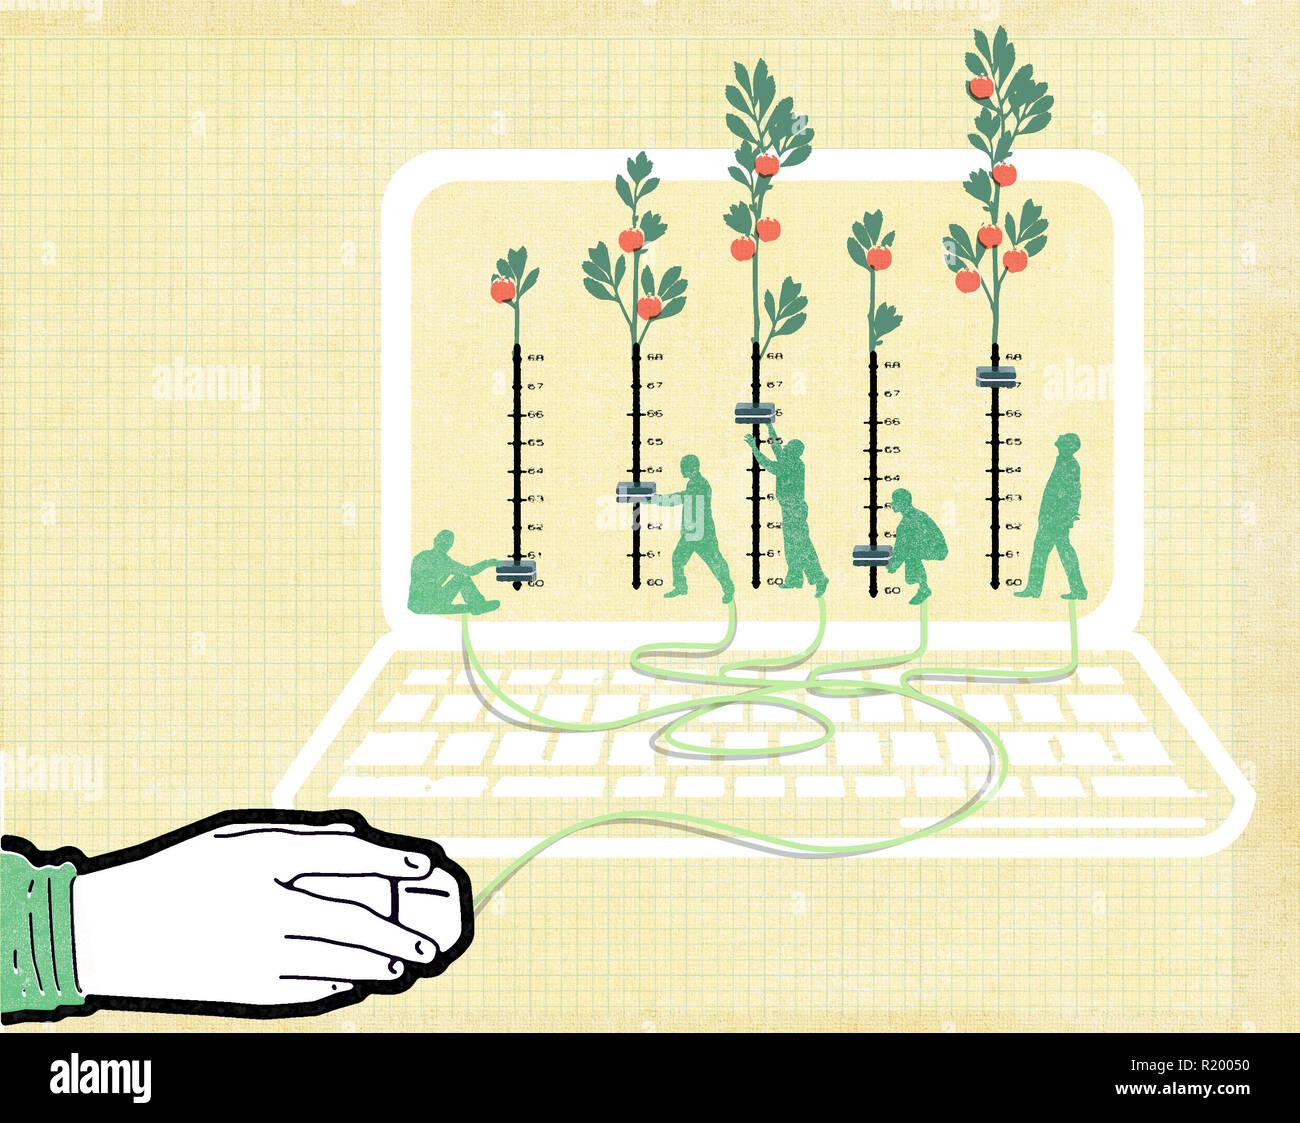 Bewirtschaftung der Wälder Stockbild